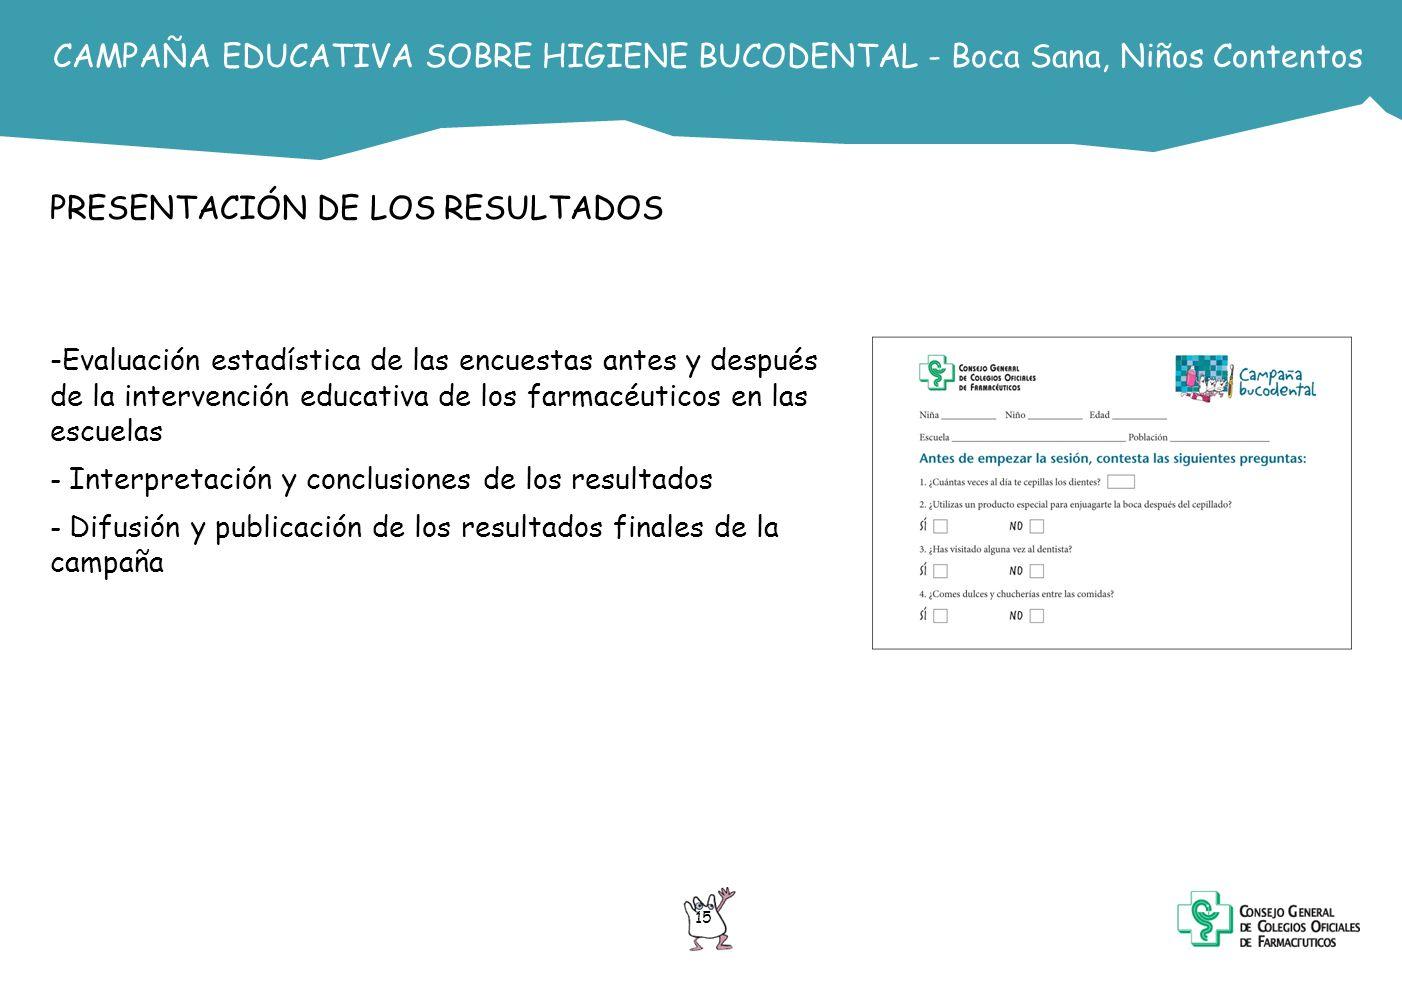 15 CAMPAÑA EDUCATIVA SOBRE HIGIENE BUCODENTAL - Boca Sana, Niños Contentos PRESENTACIÓN DE LOS RESULTADOS -Evaluación estadística de las encuestas ant